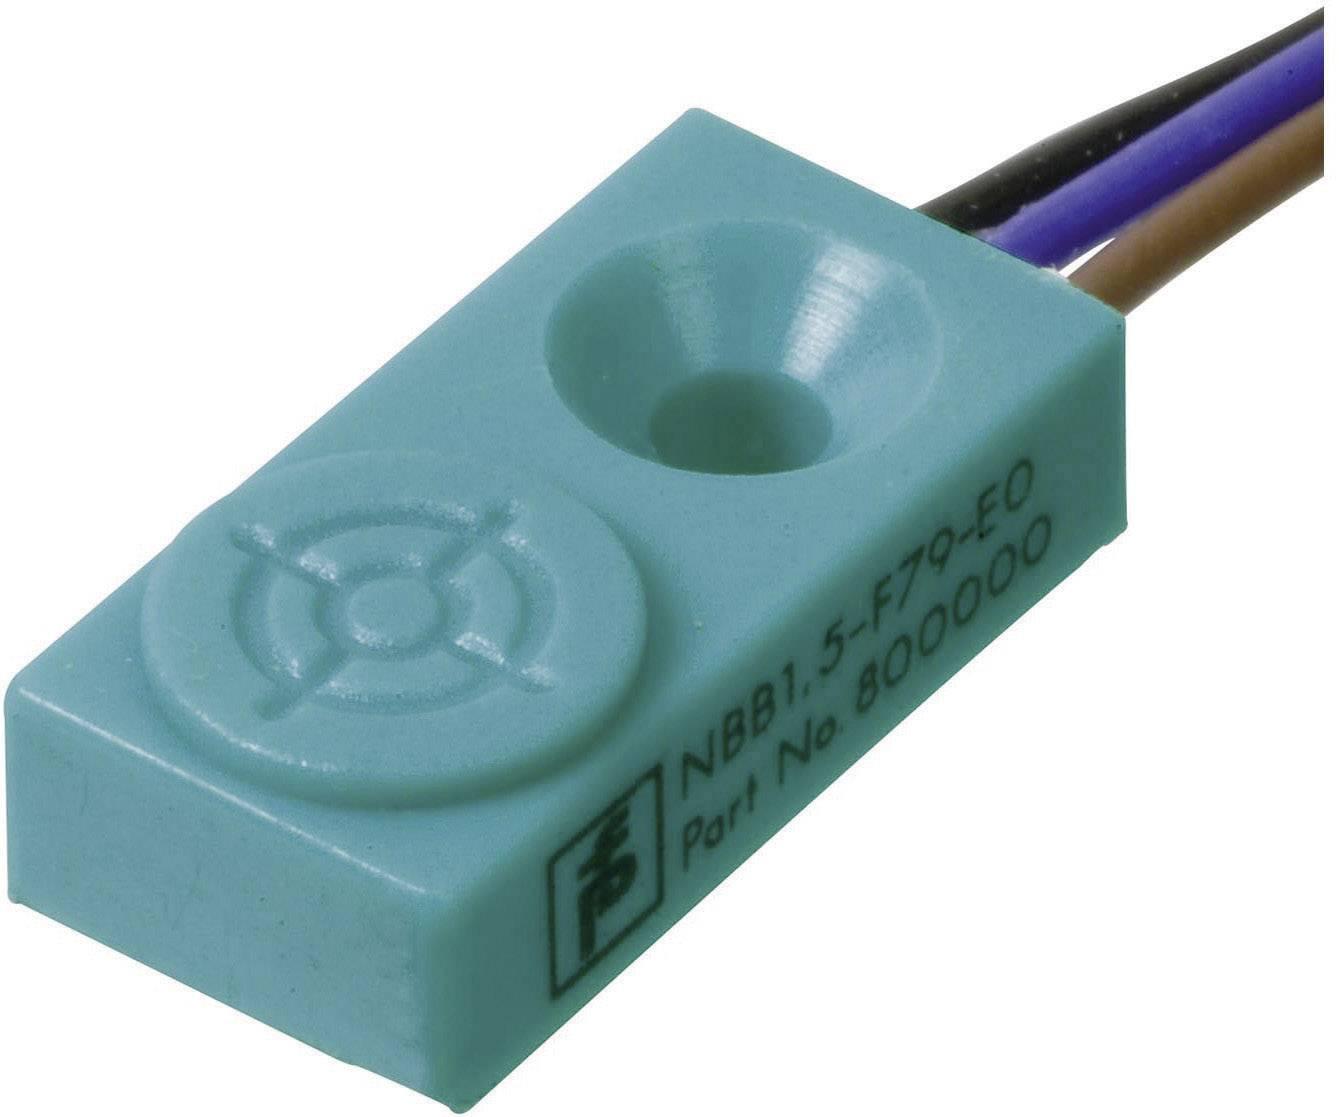 Indukční senzor přiblížení Pepperl & Fuchs NBB1,5-F79-E2, 1,5 mm, IP67